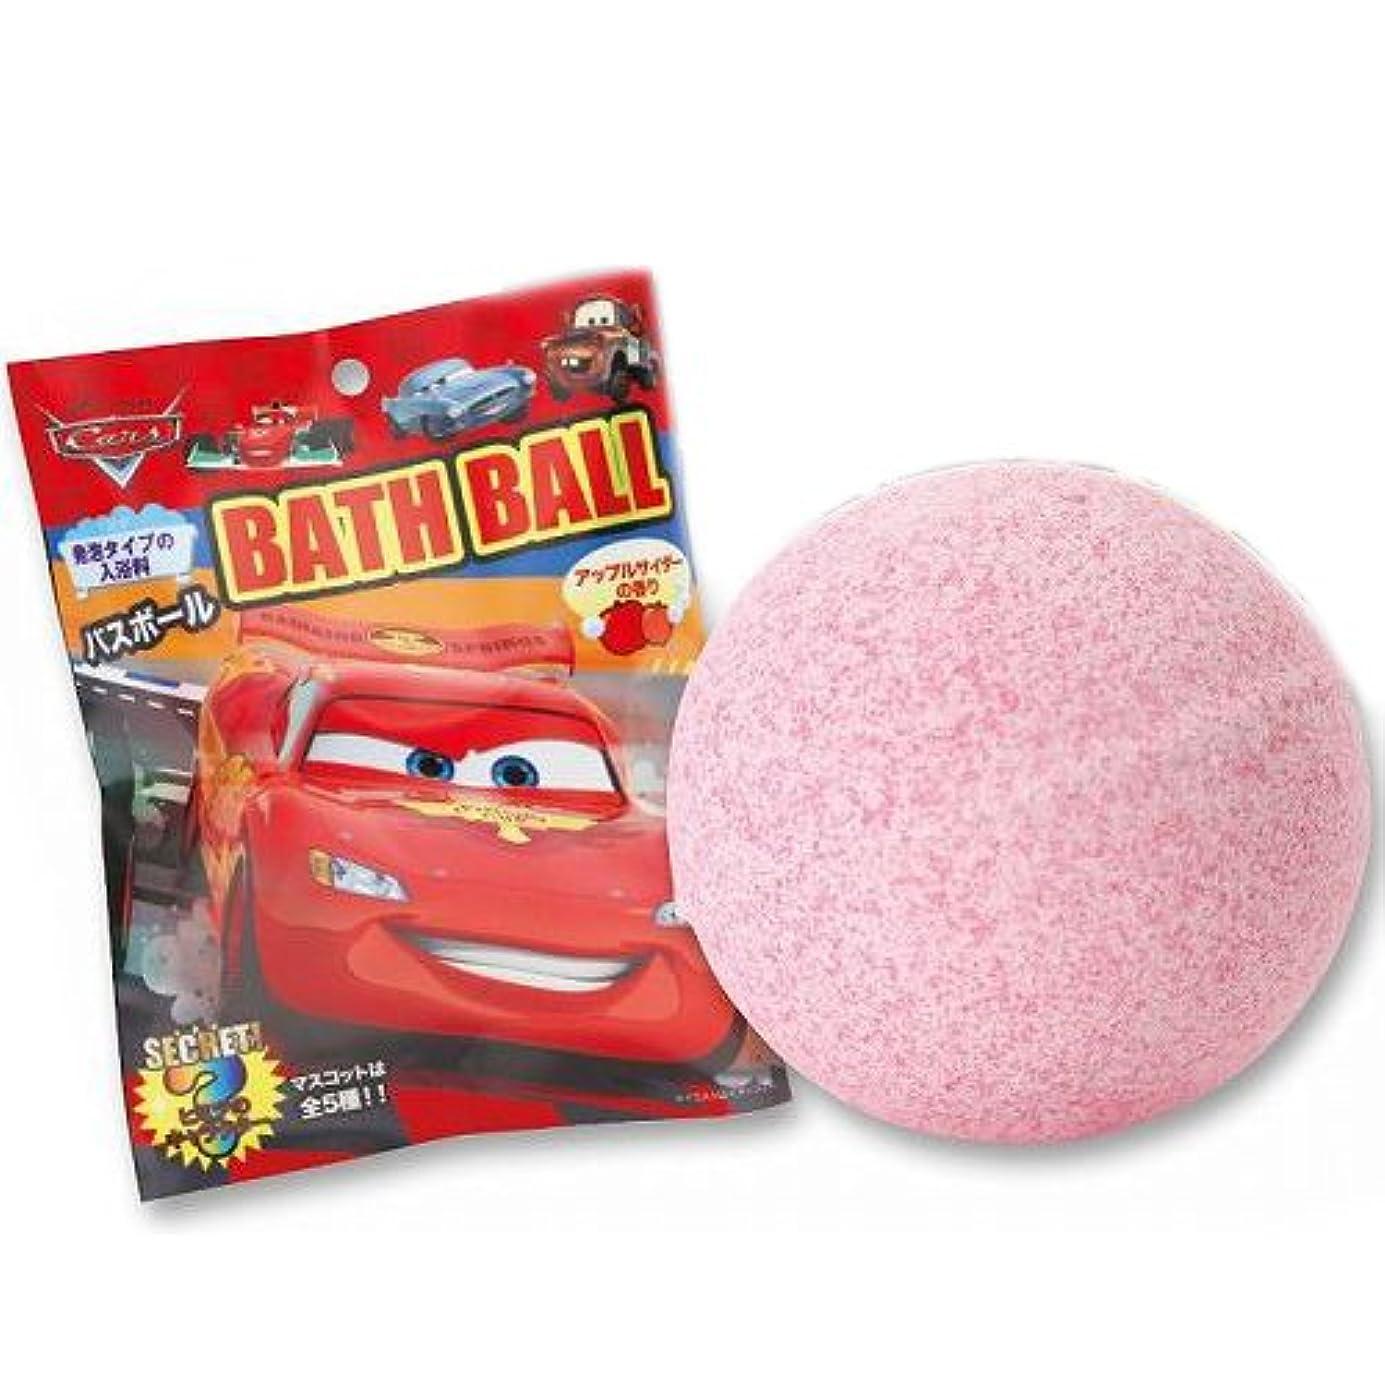 再発する抽出ベストカーズ バスボール 入浴剤 CARS マスコットフィズ バスフィズ おもちゃ グッズ コレクション 12937【即日?翌日発送】